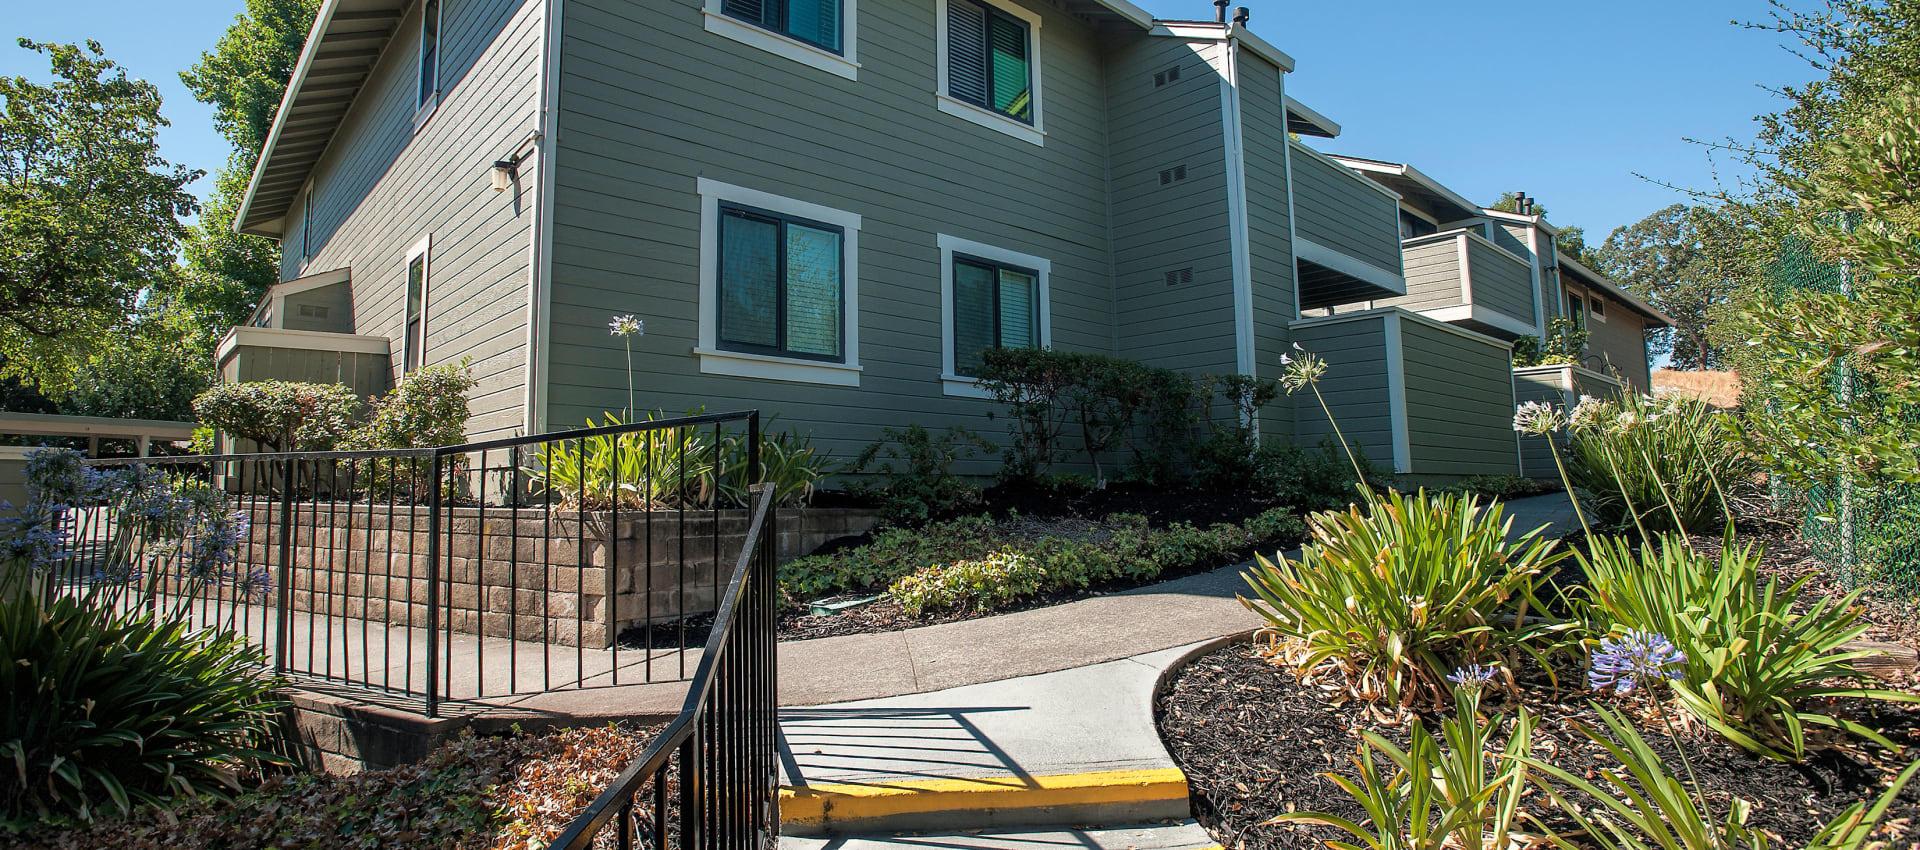 Exterior of Ridgecrest Apartment Homes in Martinez, California